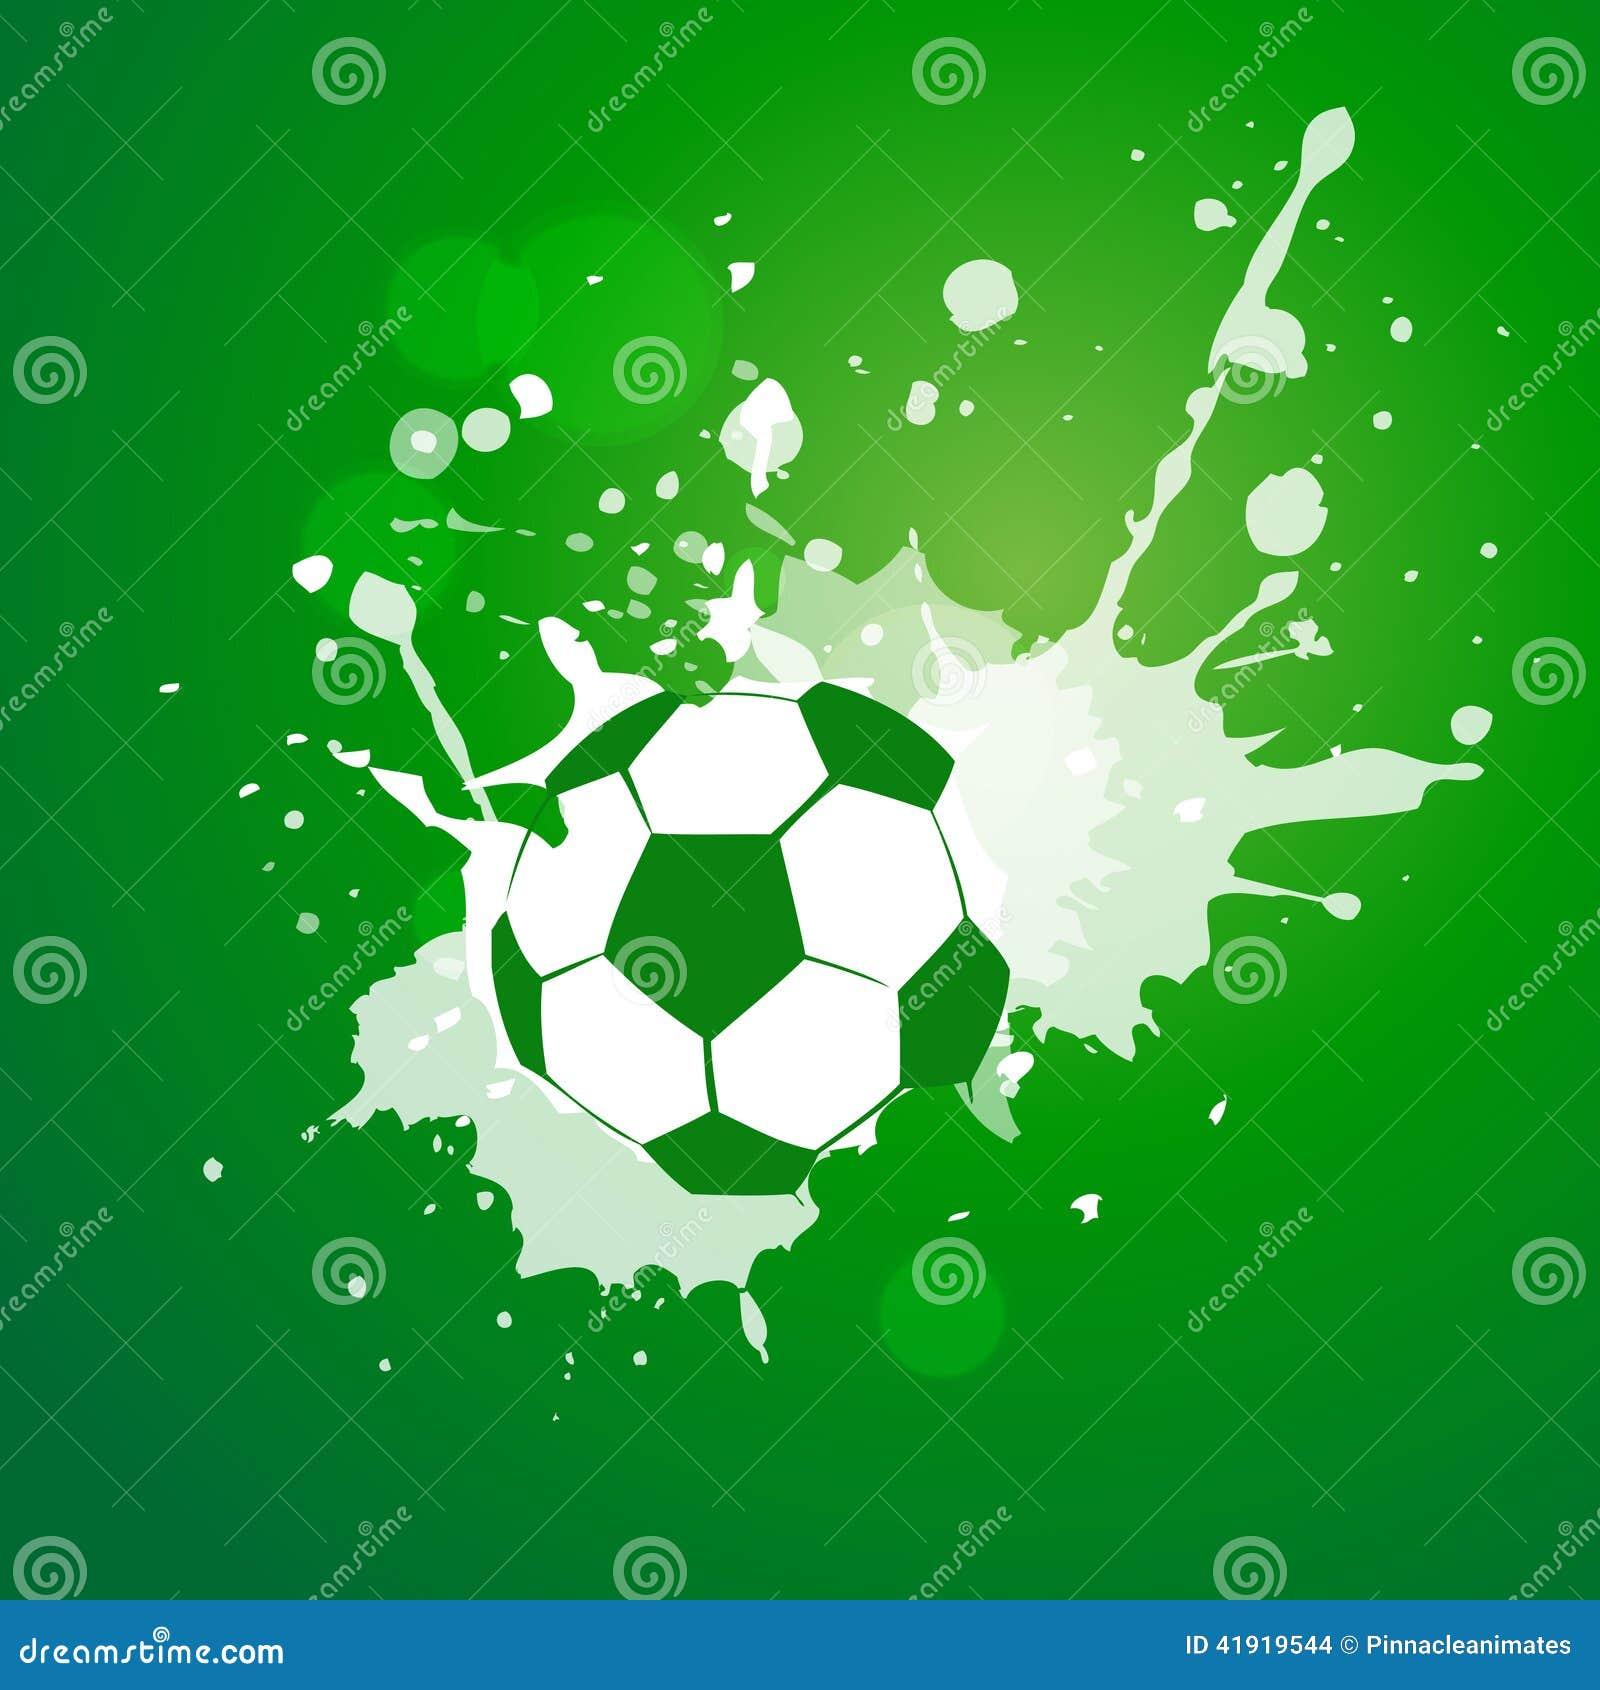 Conception du football de vecteur